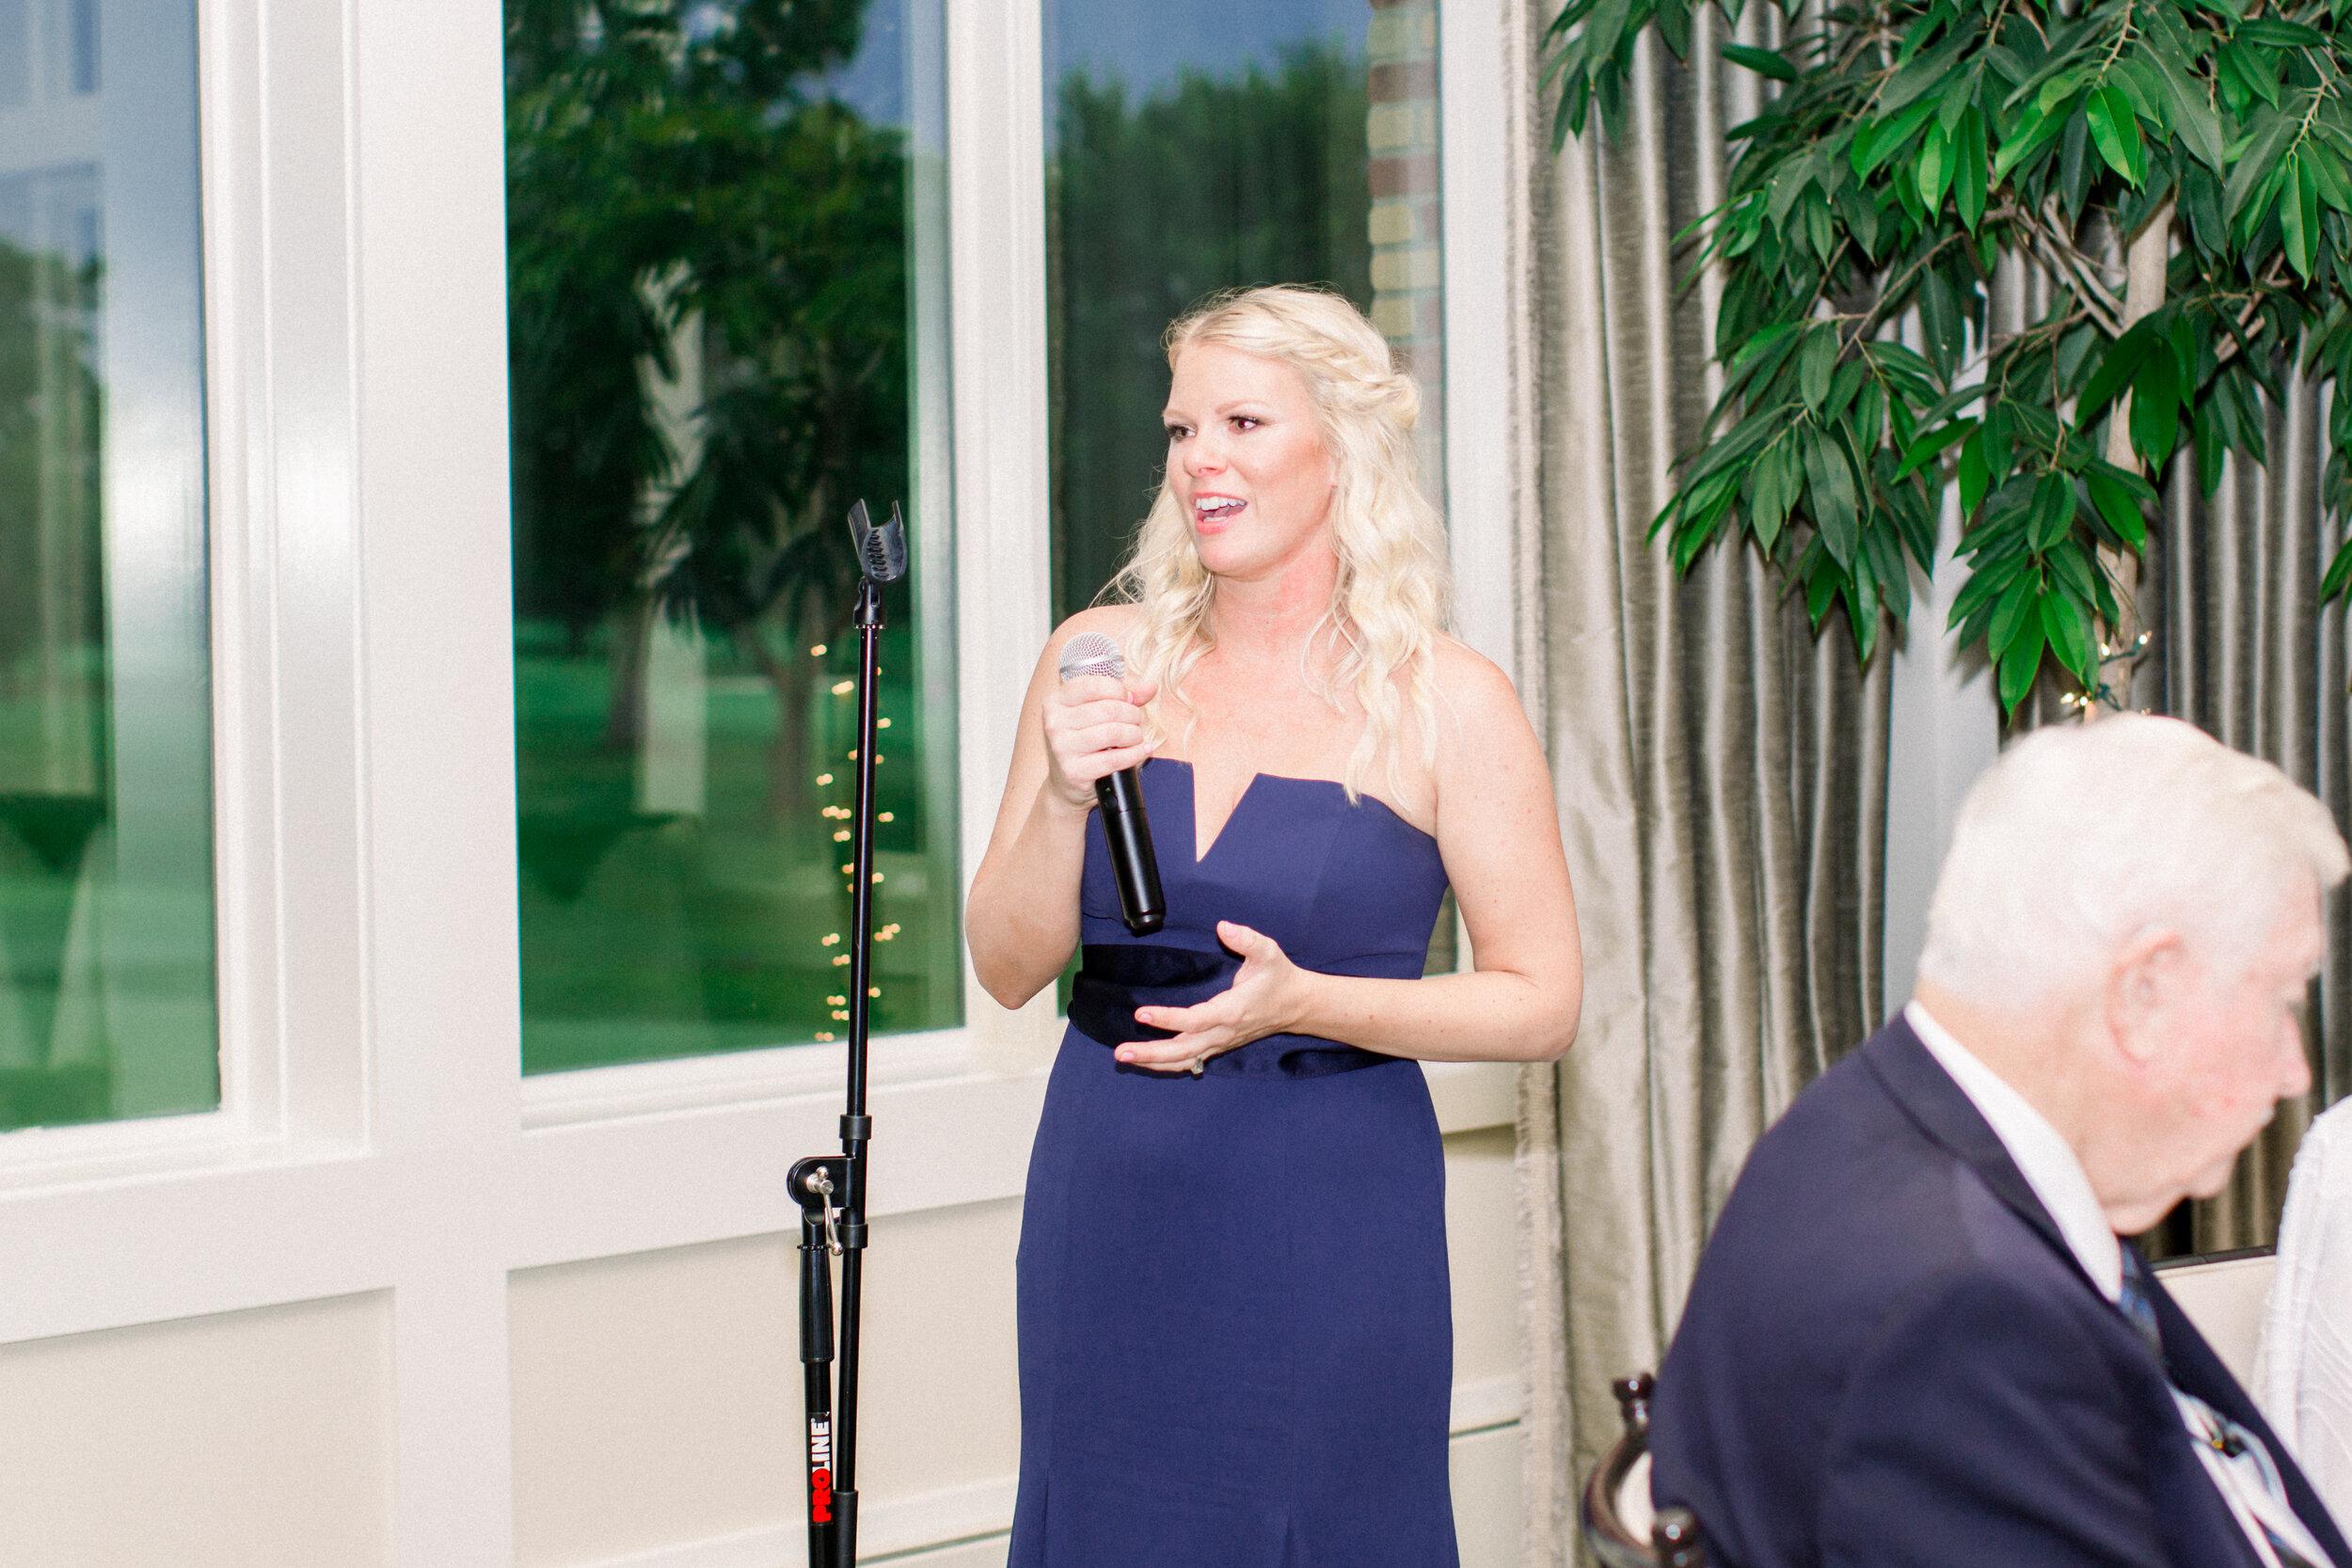 Kuiper+Wedding+Reception-106.jpg